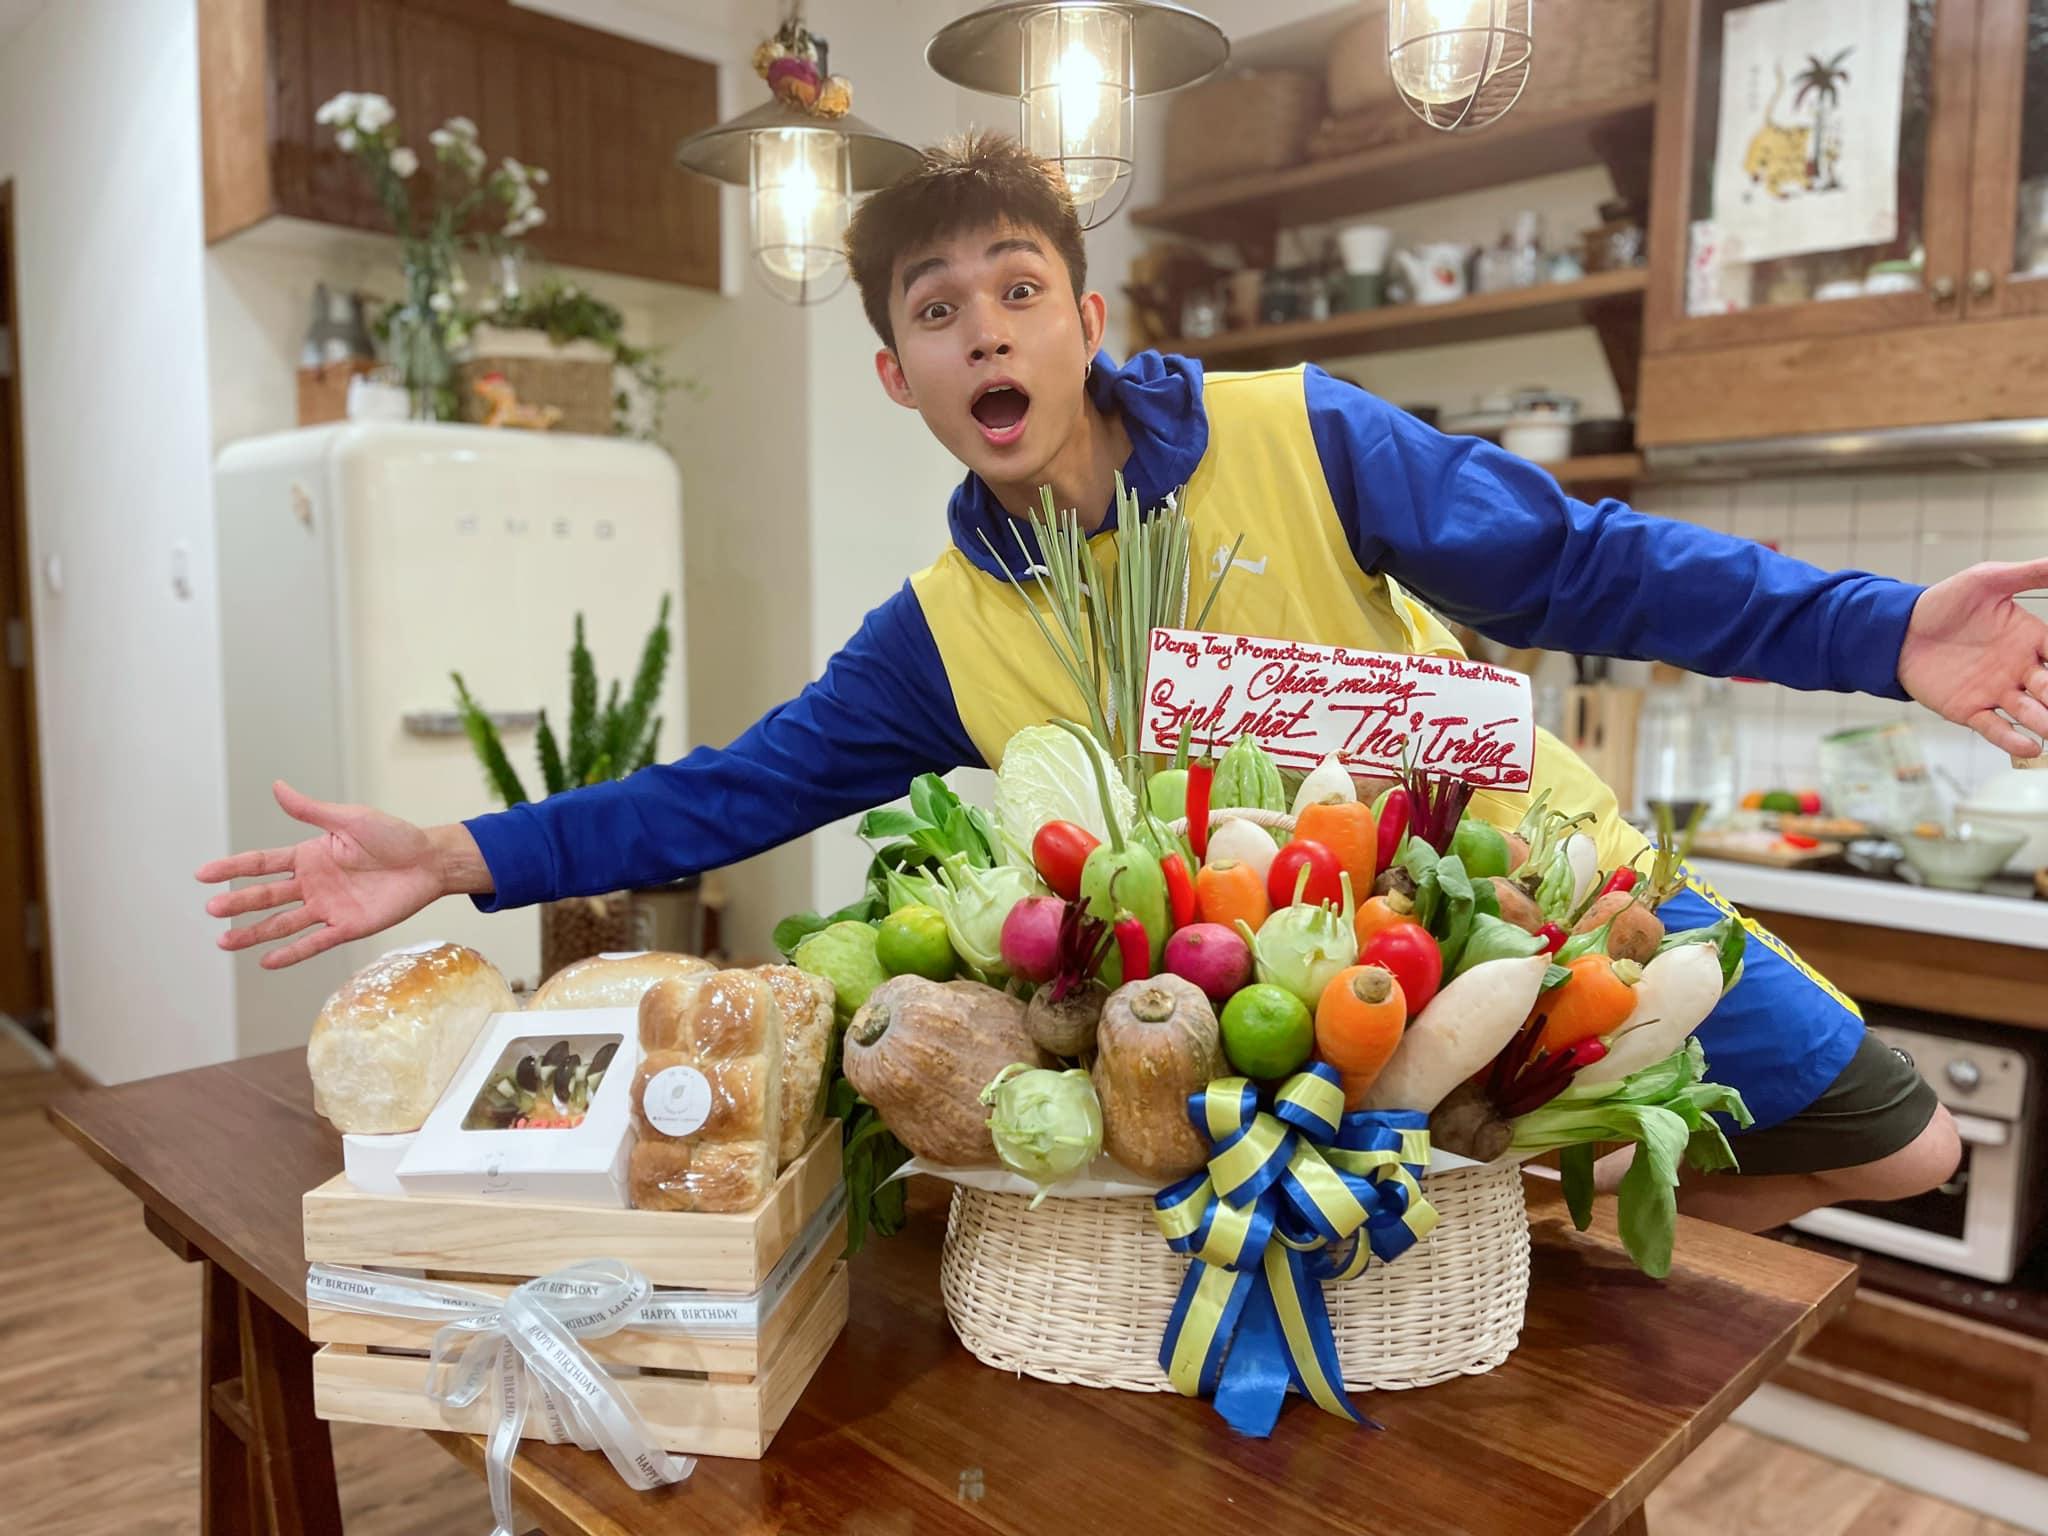 Đón sinh nhật trong những ngày giãn cách, Jun Phạm nhận được quà toàn thực phẩm.